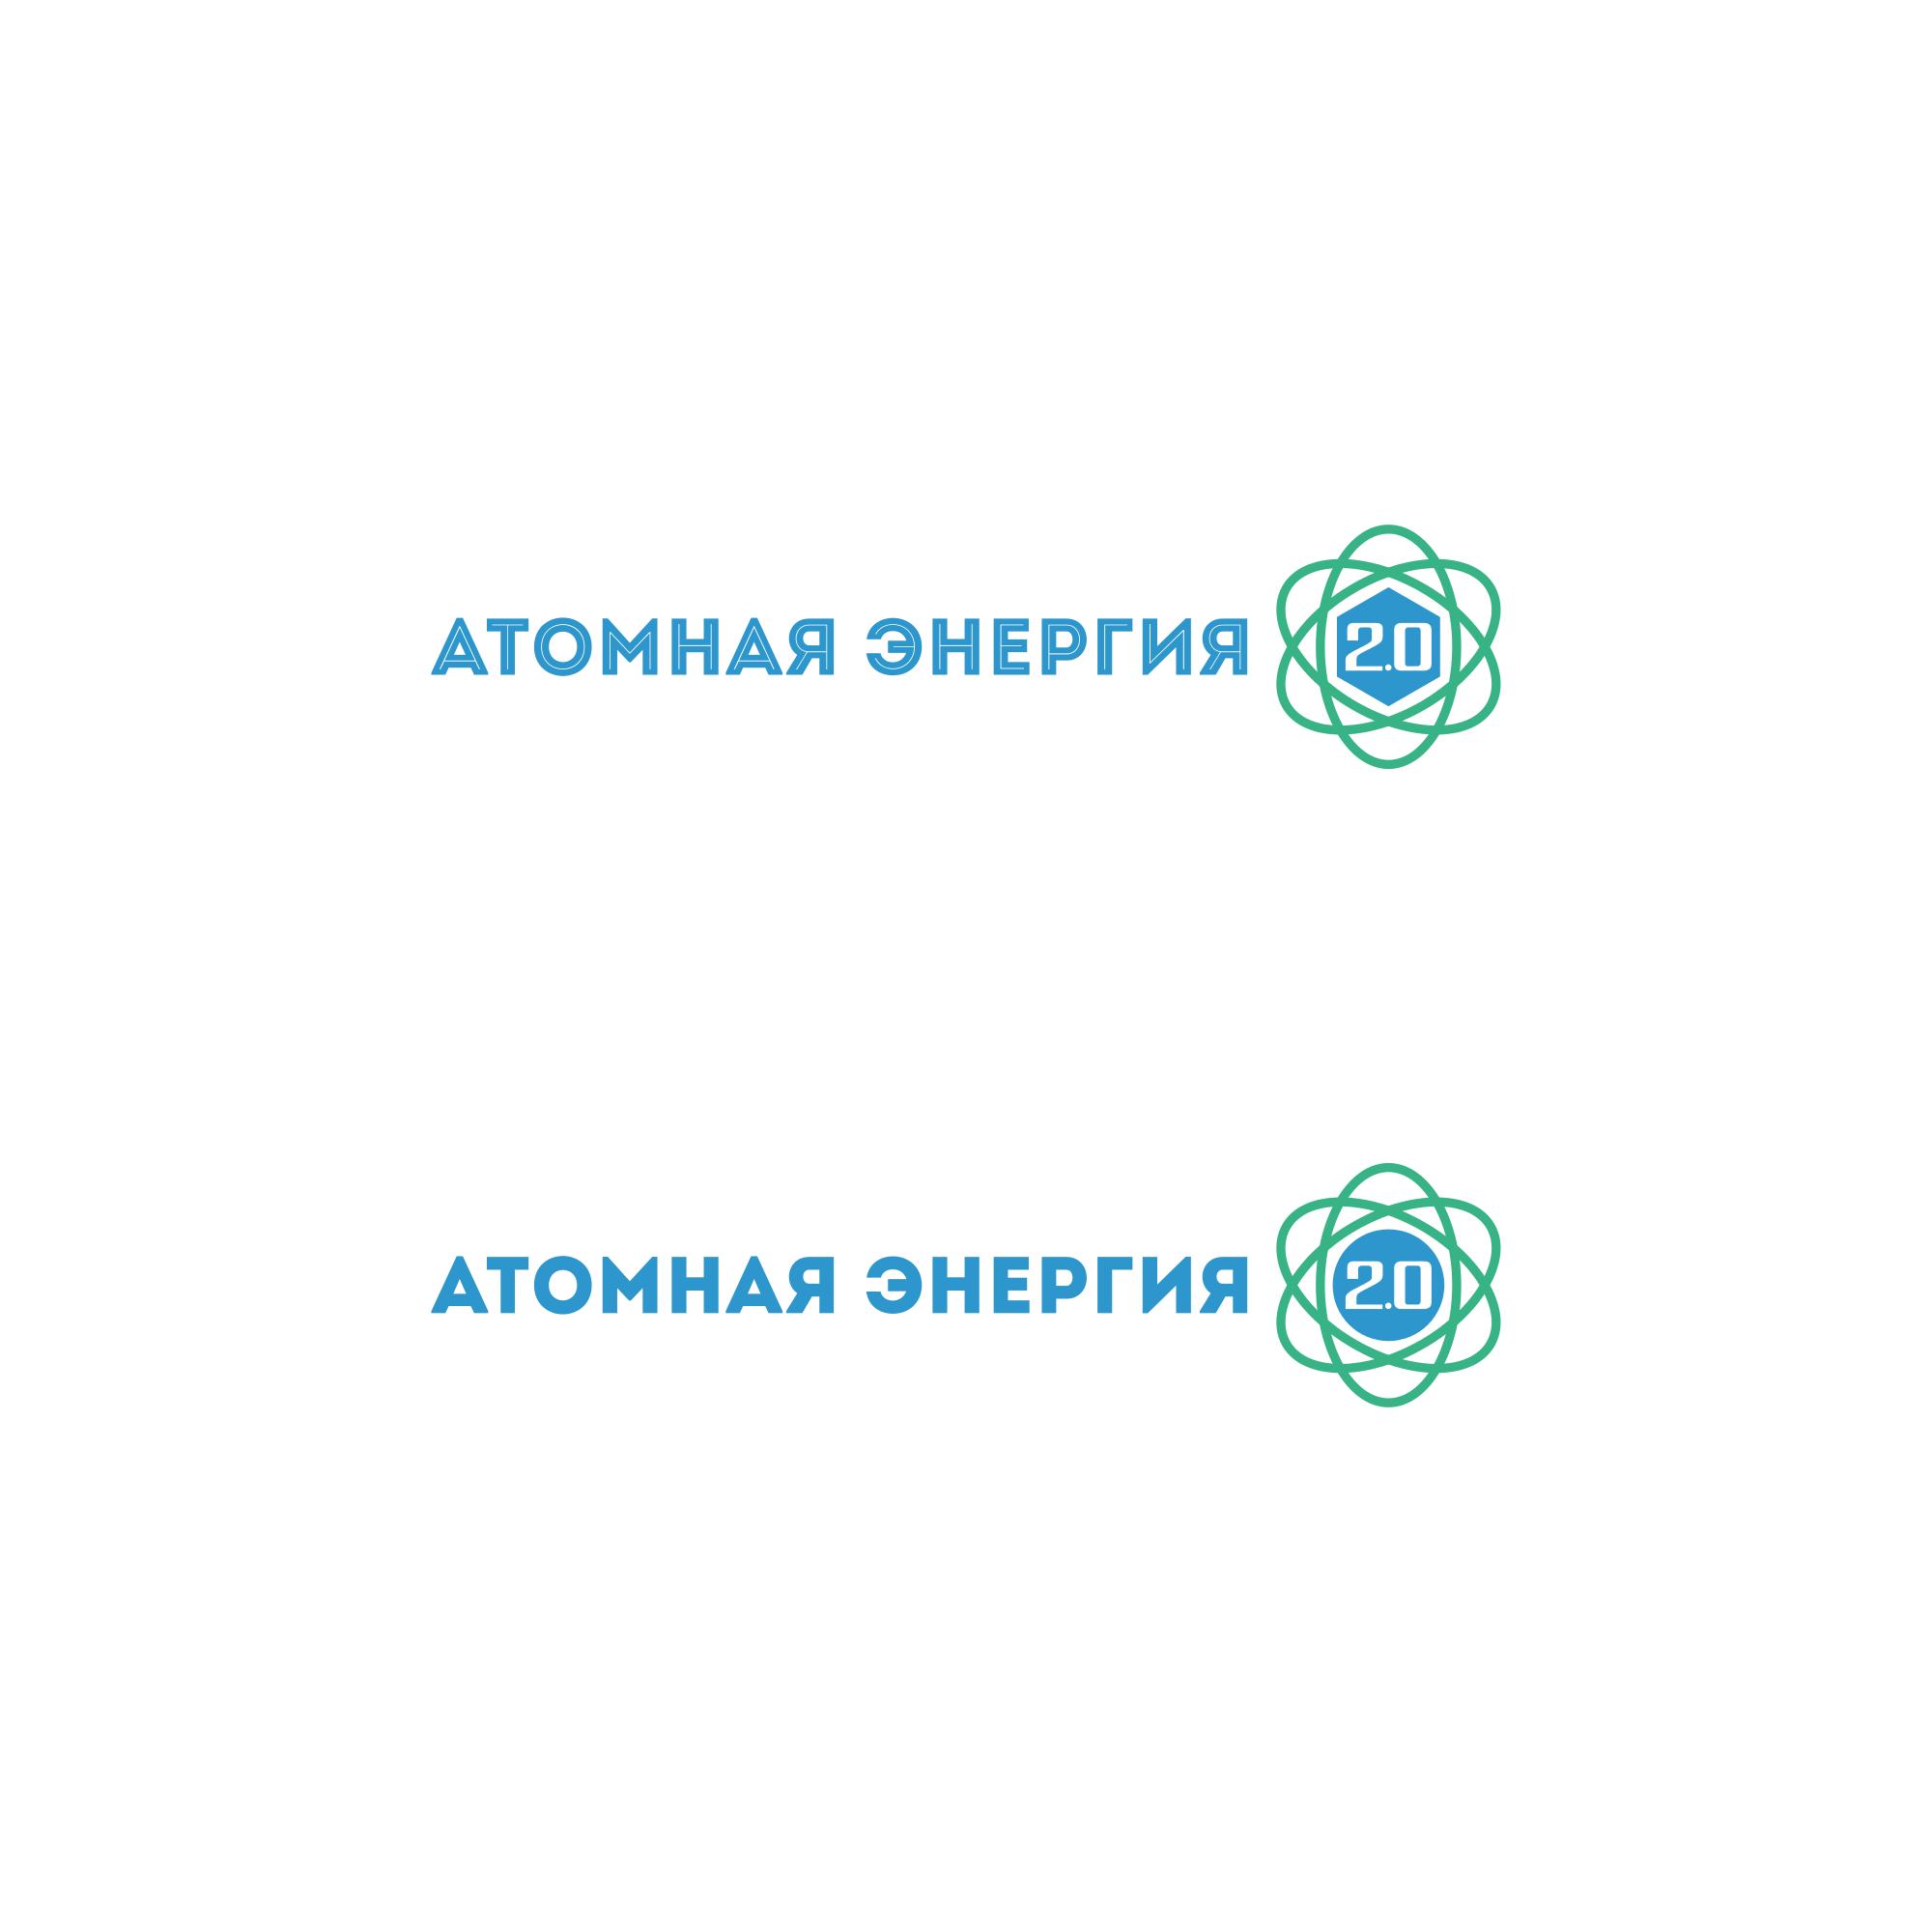 """Фирменный стиль для научного портала """"Атомная энергия 2.0"""" фото f_16059fd5b0589601.png"""